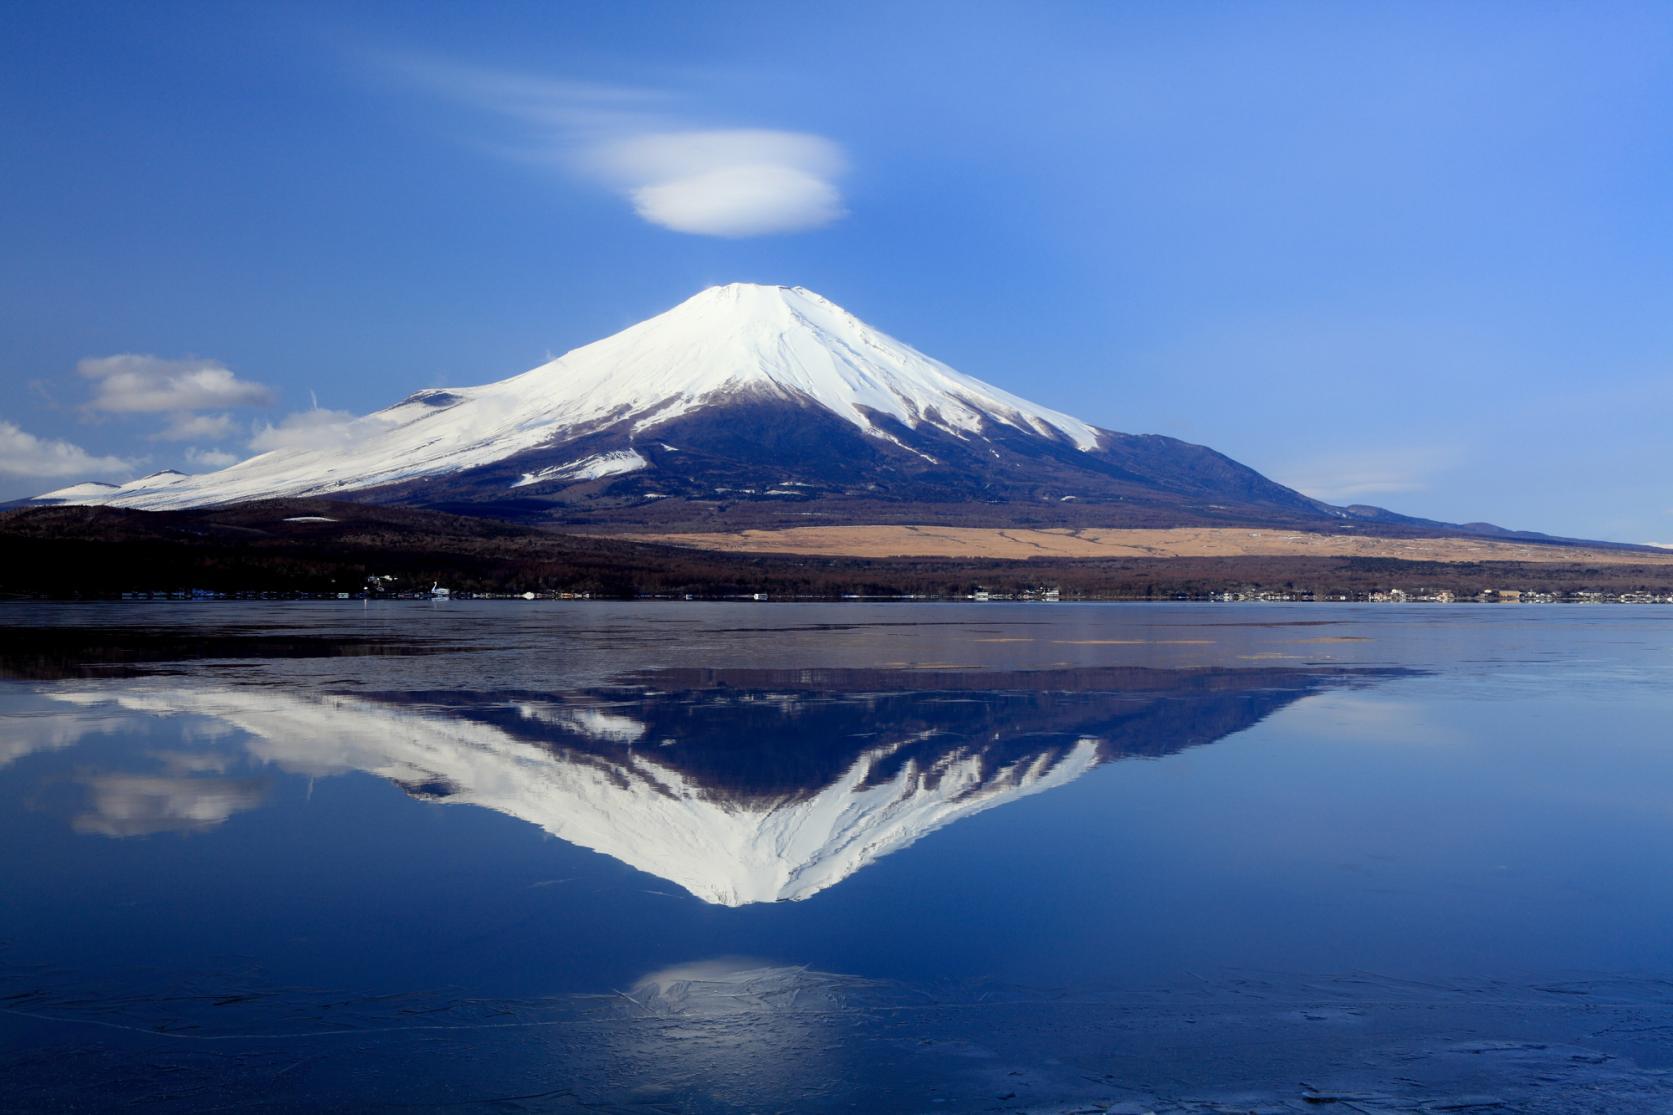 湖と富士山が織りなす四季折々の絶景-8